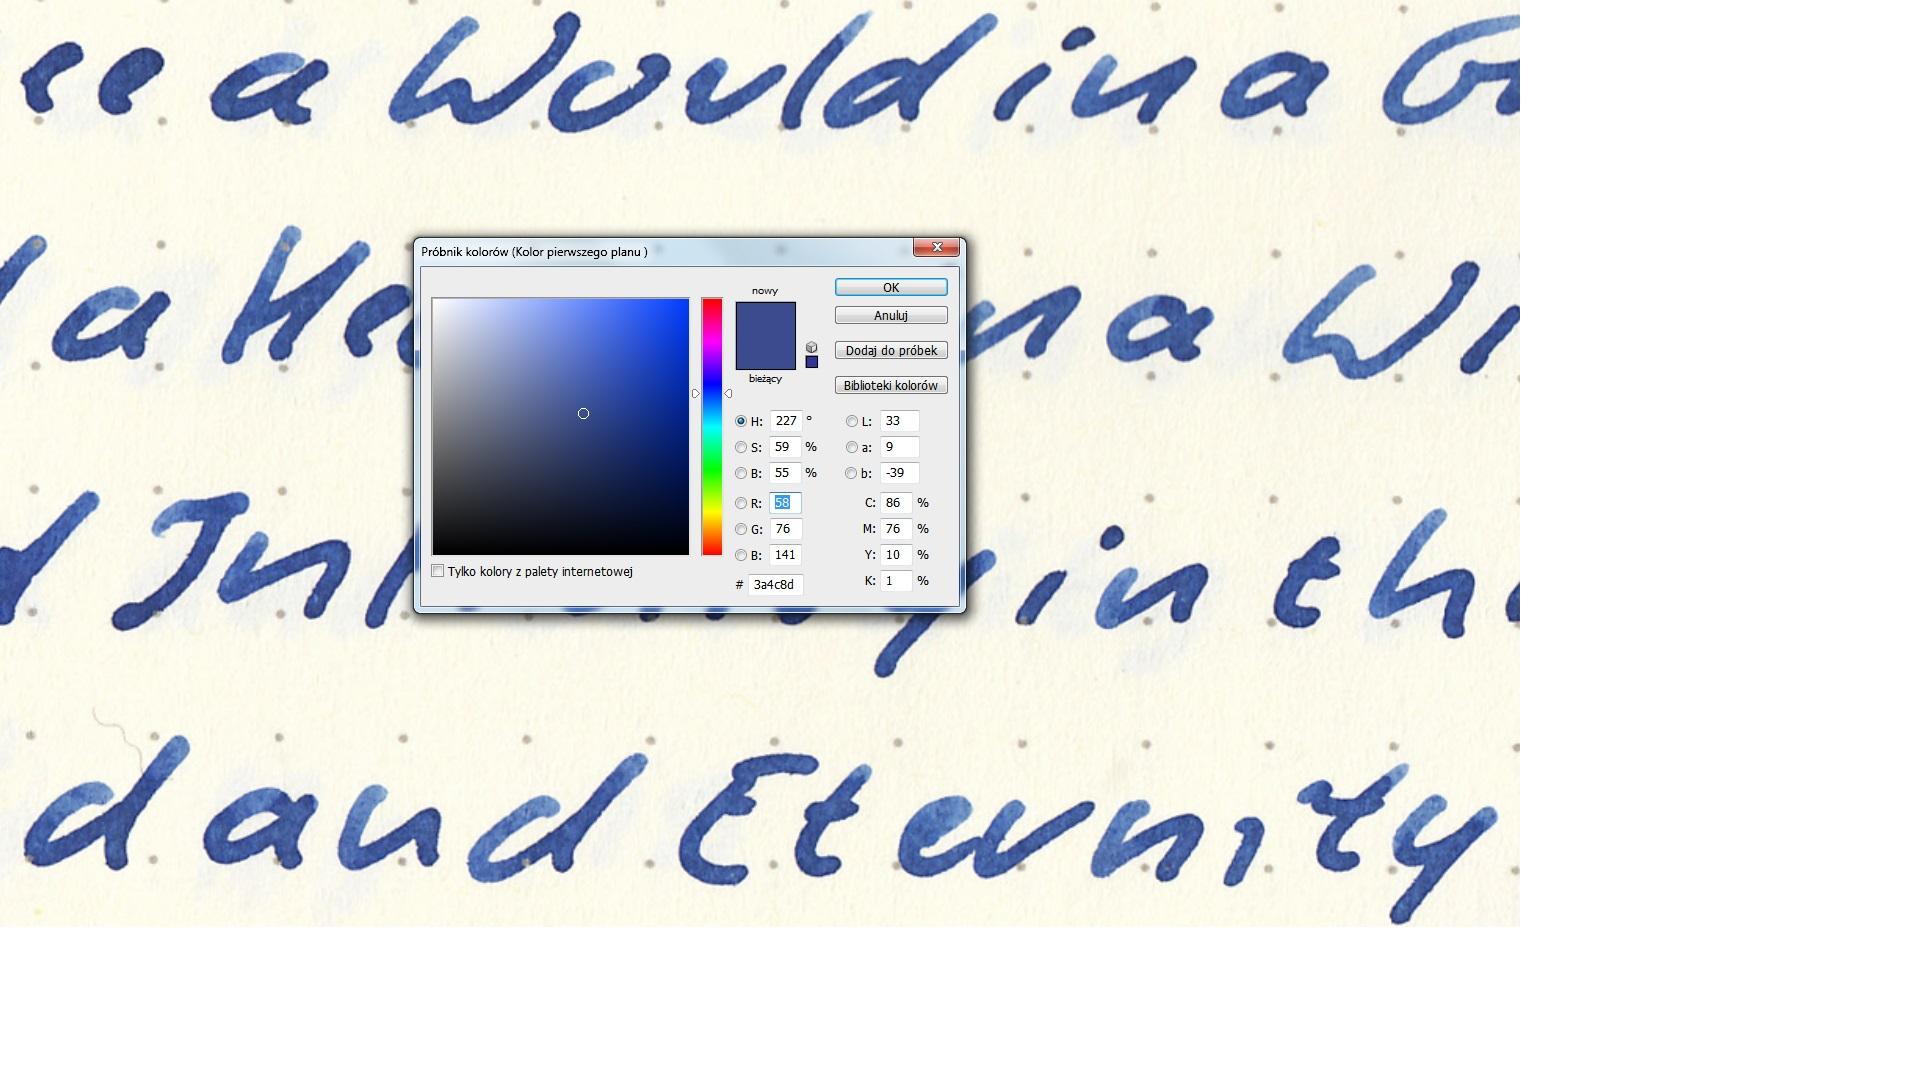 fpn_1458981999__midnightblue_papierplume